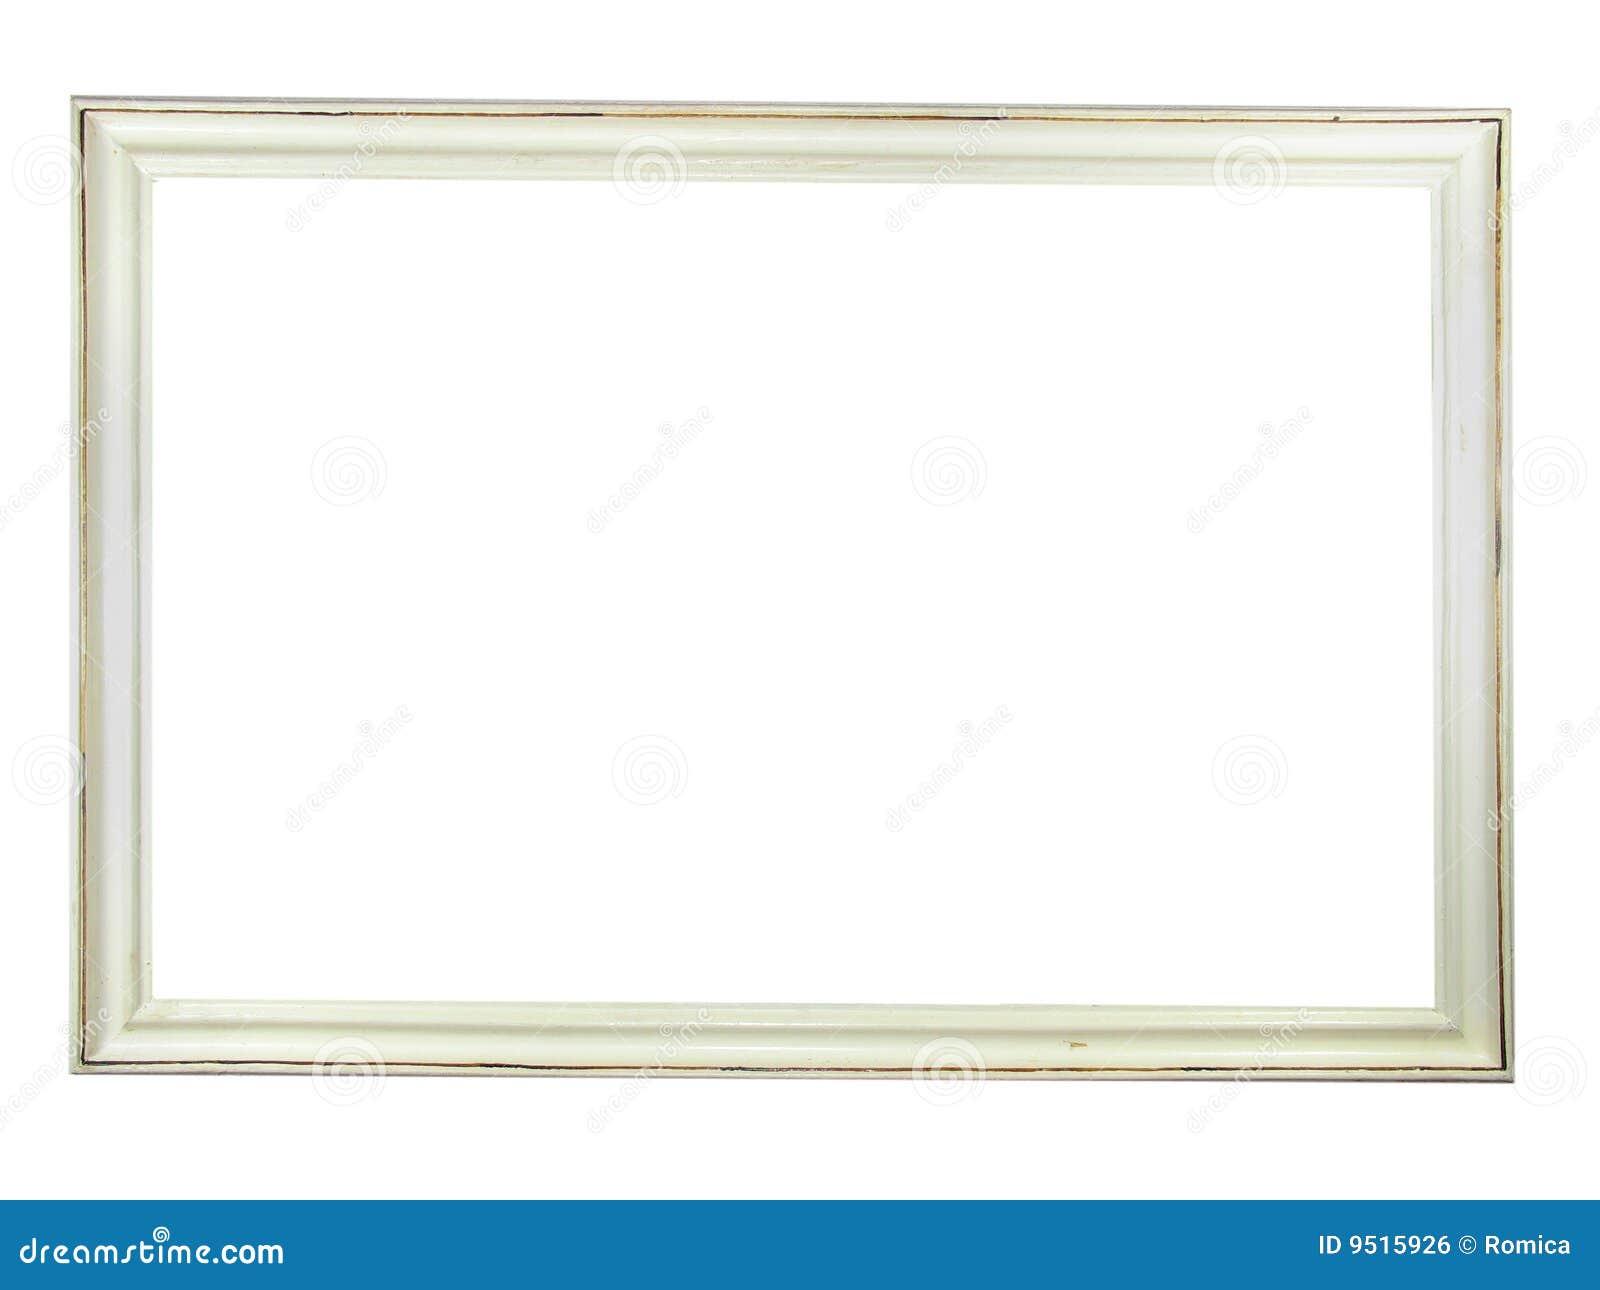 vecchia cornice di legno bianca antica immagine stock